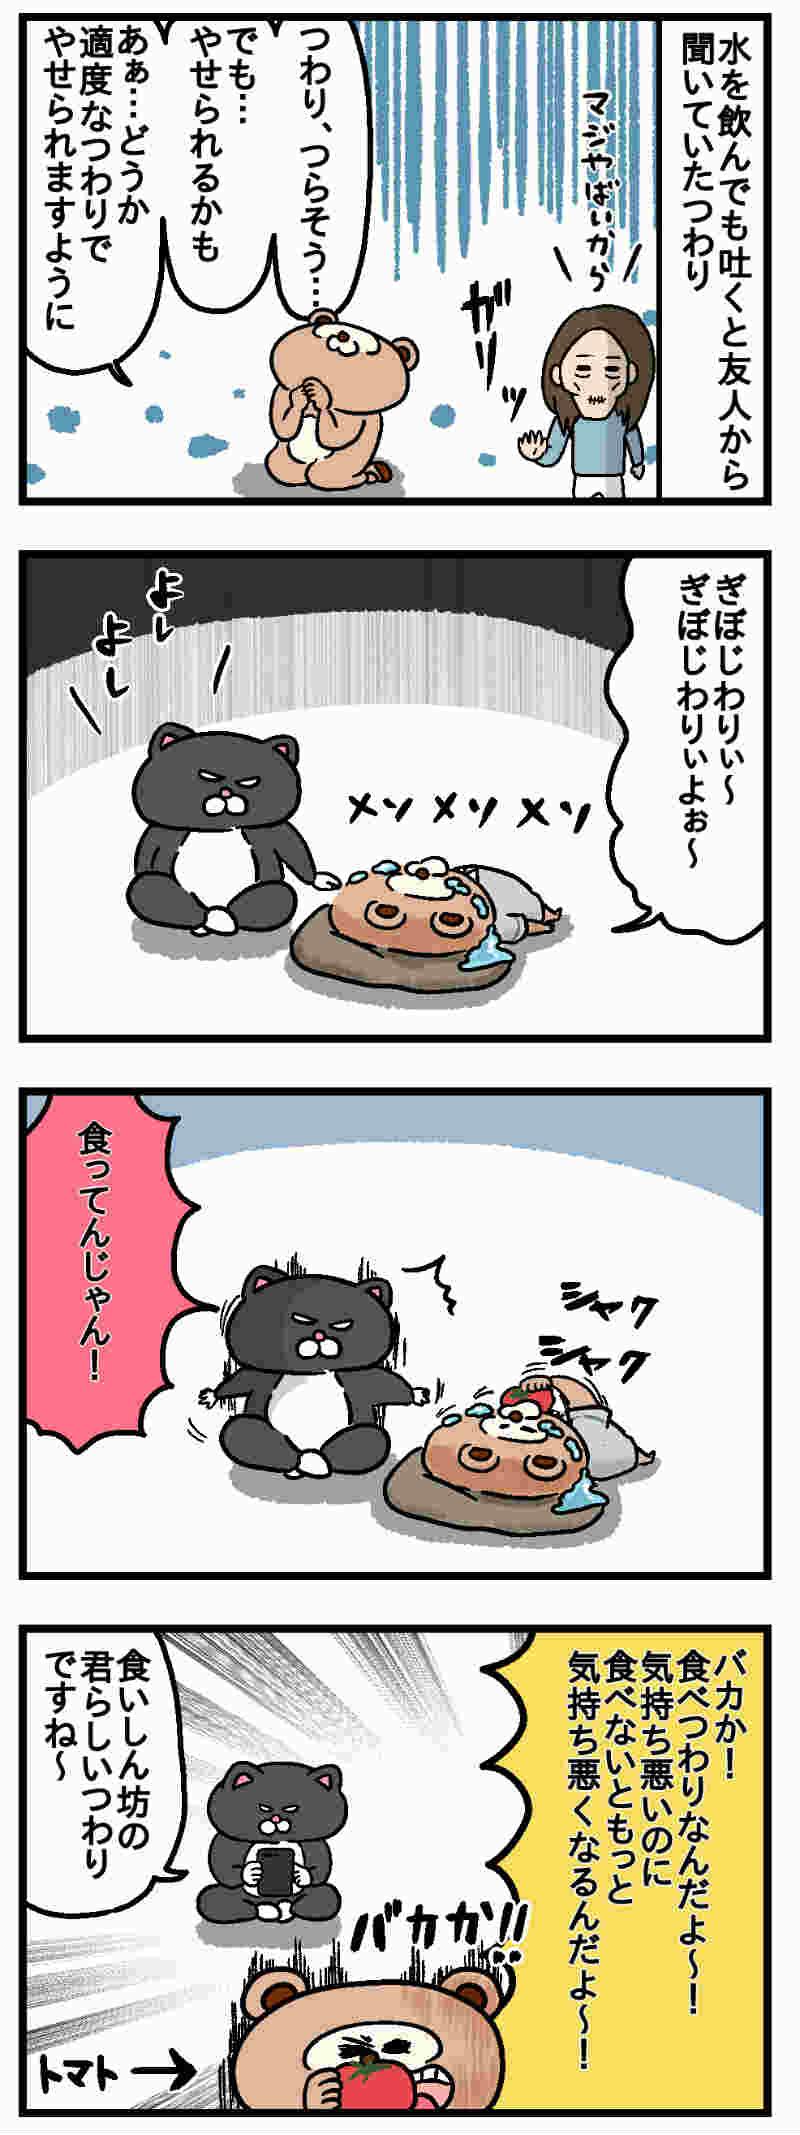 つわりの軽減方法【ねこたぬのはじめて育児2】